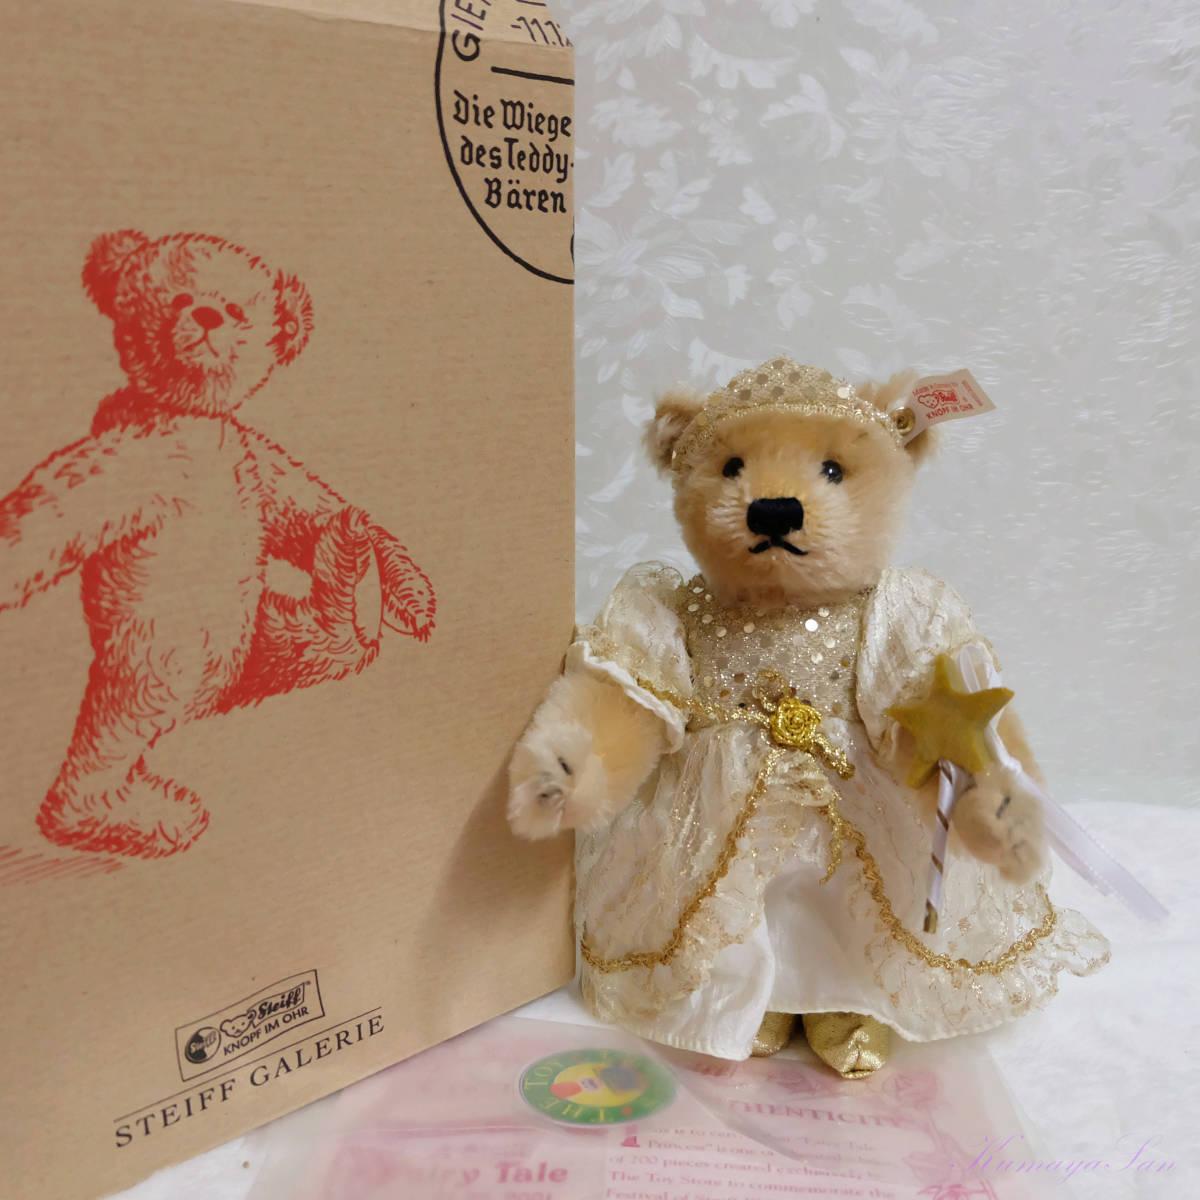 新品 超レア シュタイフ社 steiff テディベア フェアリーテイルプリンセス アメリカ限定200体 22cm EAN665325 Steiff Fairy Tale Princess